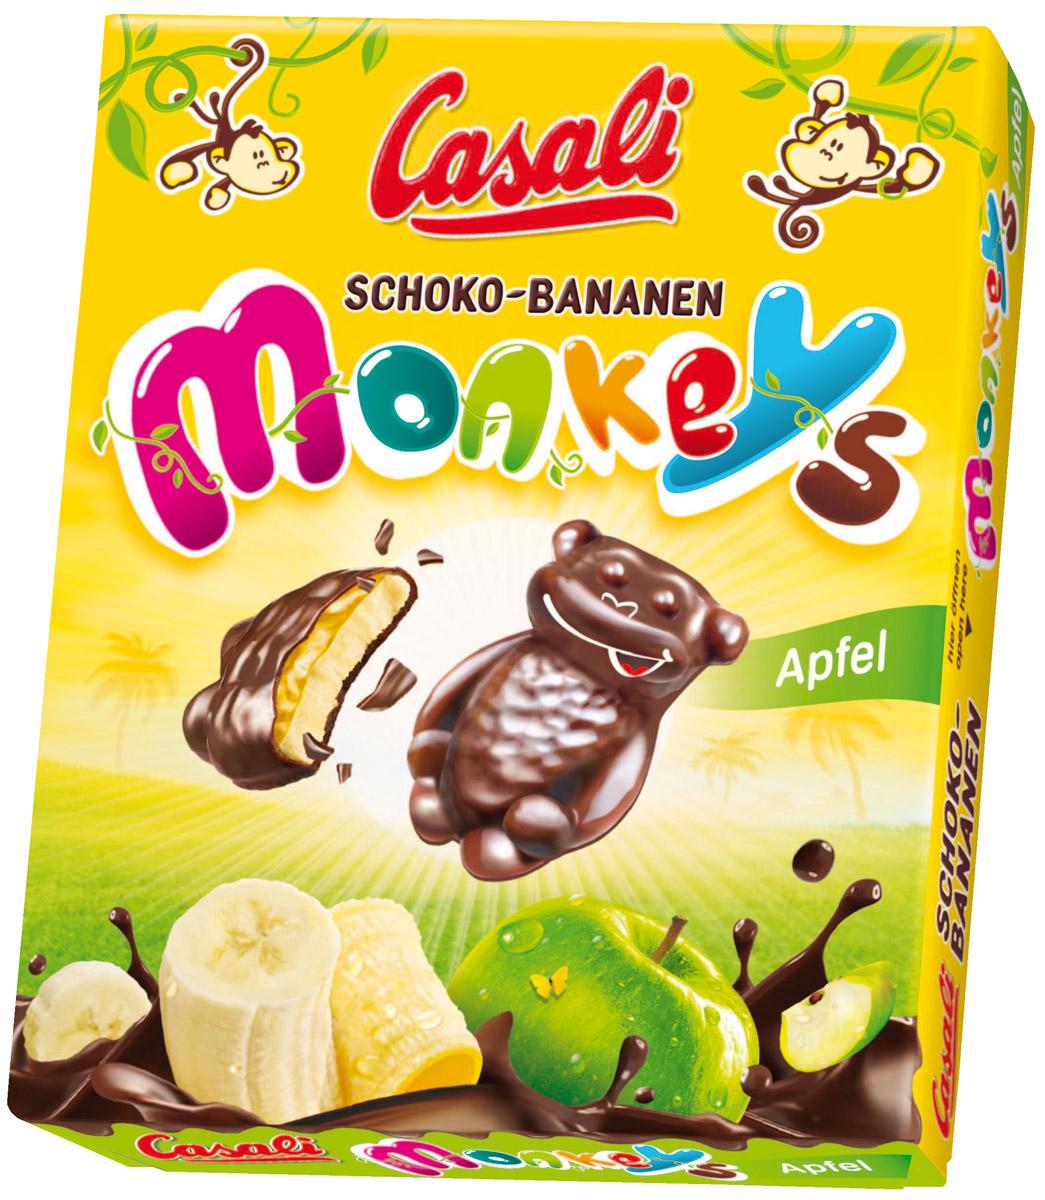 Casali Schoko-Bananen Monkeys суфле банановое в шоколаде с яблочной начинкой, 140 г wagon wheels бисквит в шоколаде с прослойкой из суфле 216 г